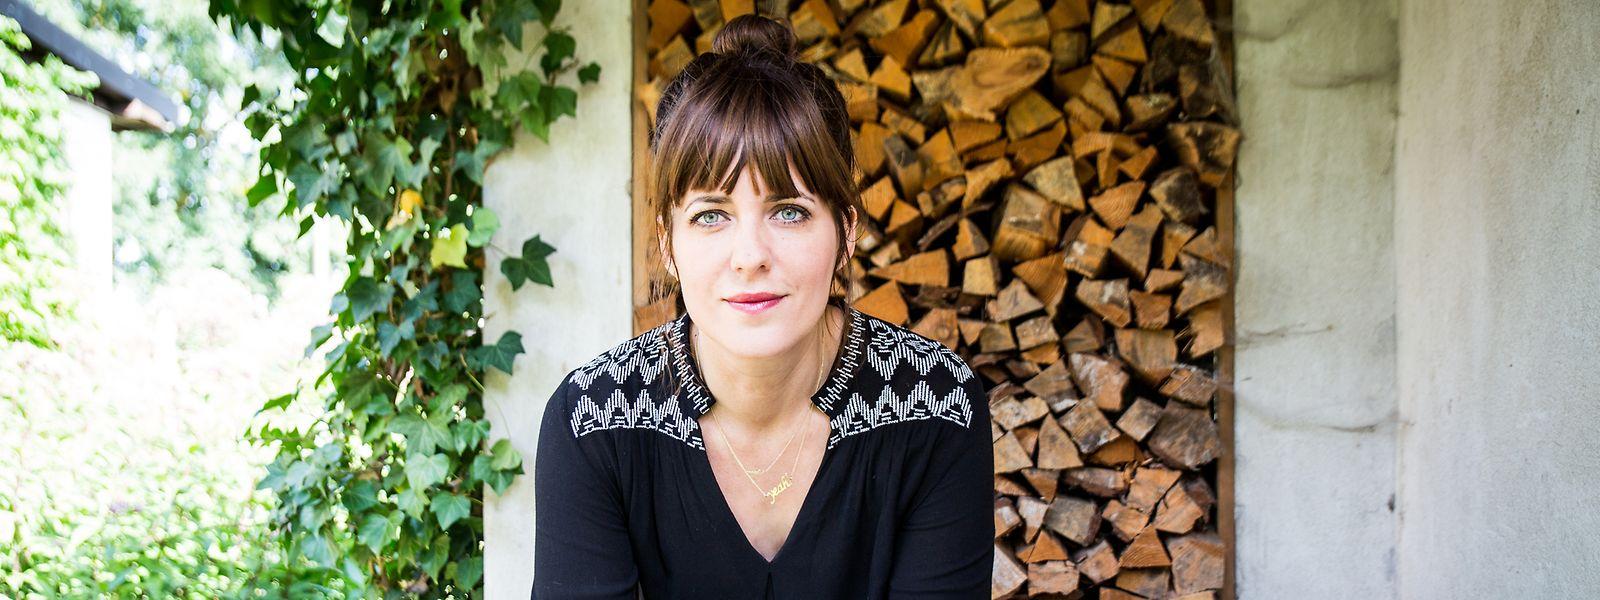 """Sarah Kuttner ist derzeit auch mit ihrem Podcast erfolgreich. In """"Das kleine Fernsehballett"""" diskutiert sie mit ihrem Kollegen Stefan Niggemeier über aktuelle Fernsehformate."""